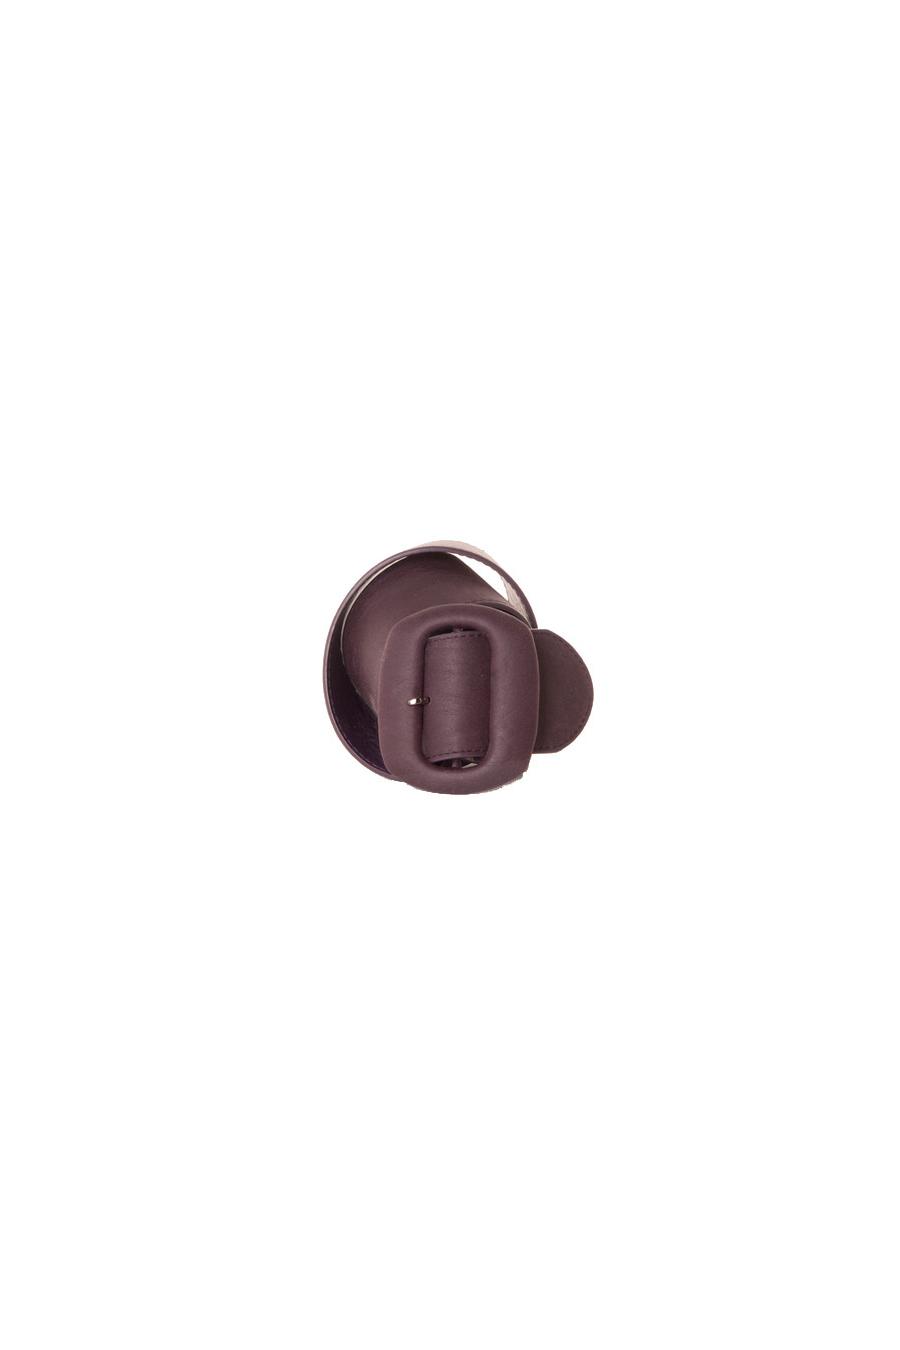 Très beau ceinturon Choco. Mode et accessoire femme à prix mini 543148.